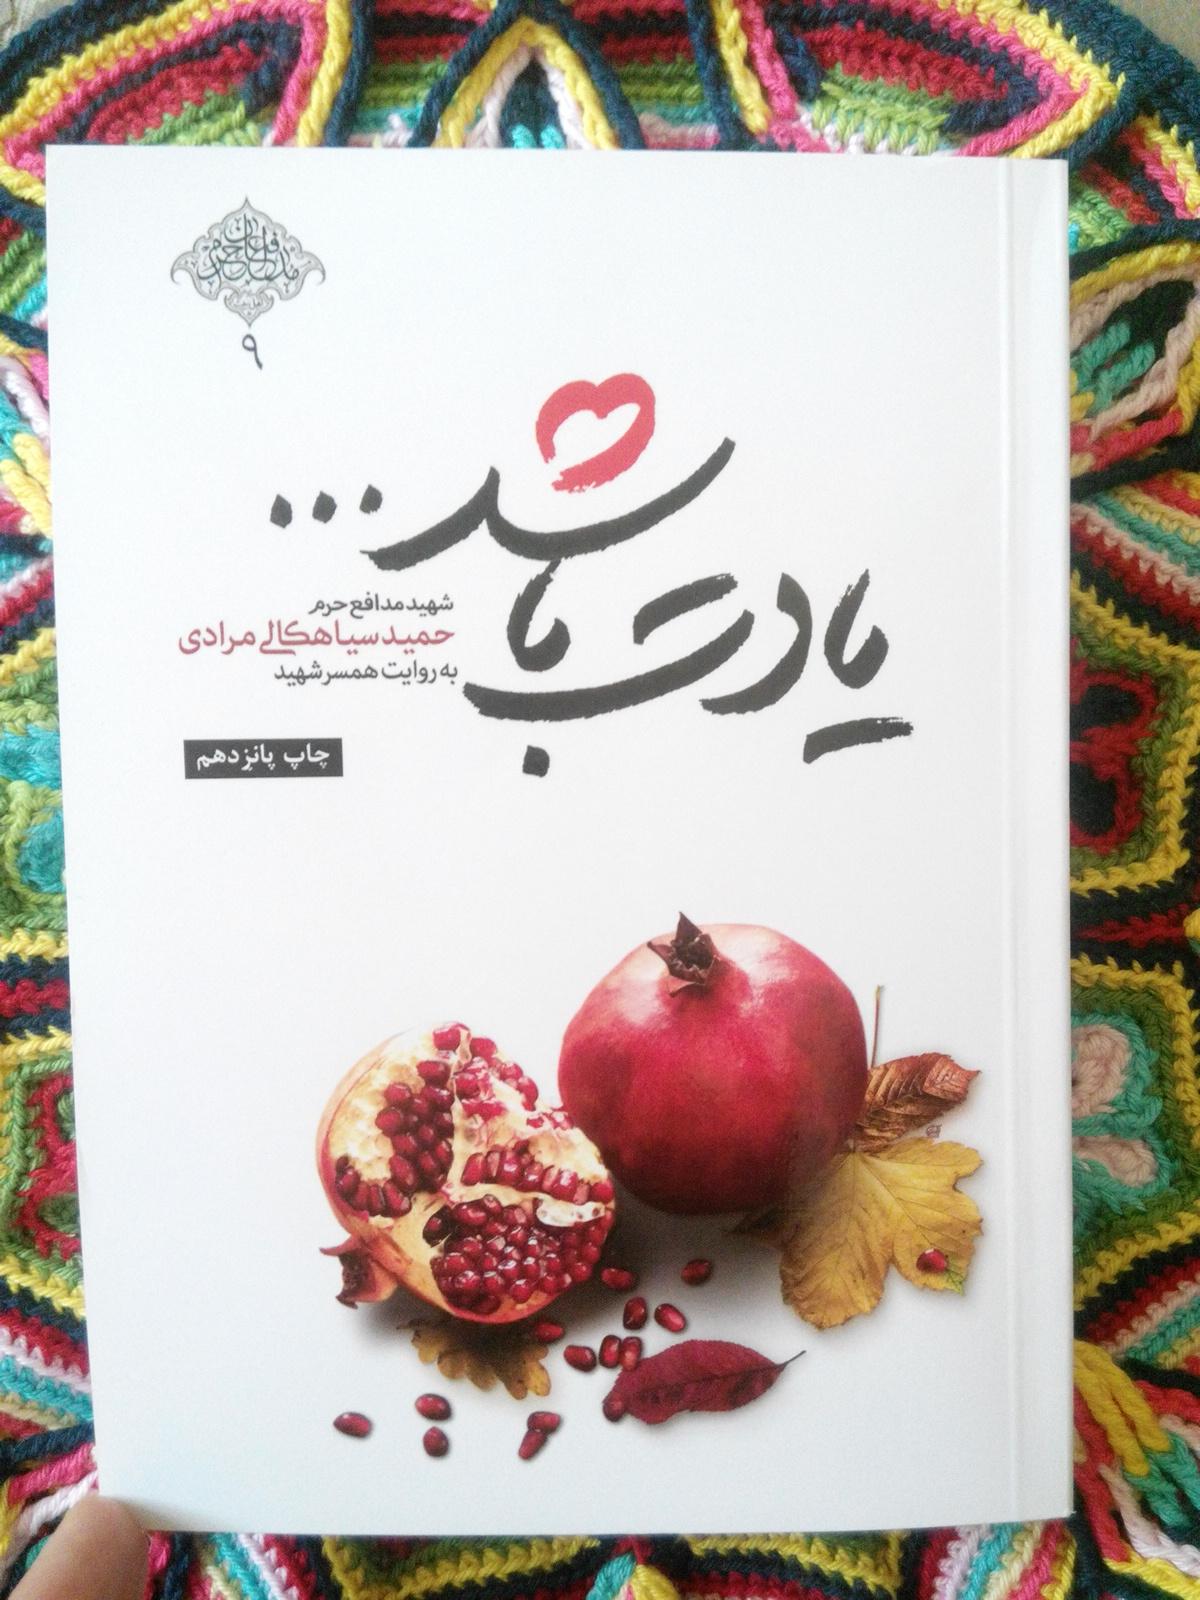 کتاب یادت باشد، بهترین کتابی که خواندم، وبلاگ نگاه خدا